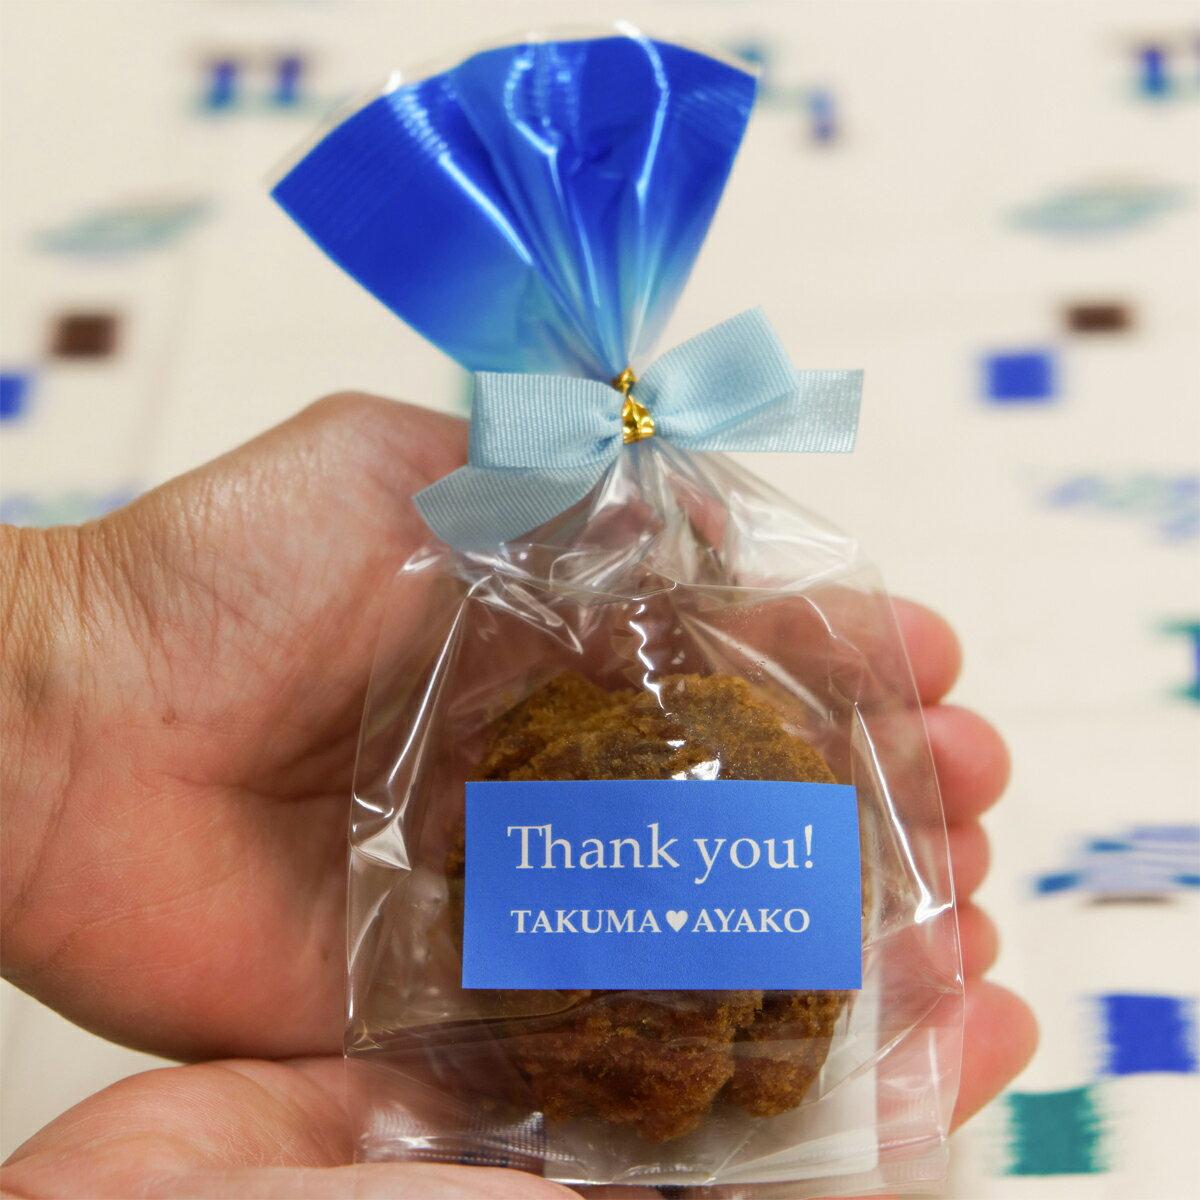 プチギフト お菓子 オリジナルラベル 結玉黒糖味1個入 サーターアンダギー ありがとう 【青ラベル/リボン】